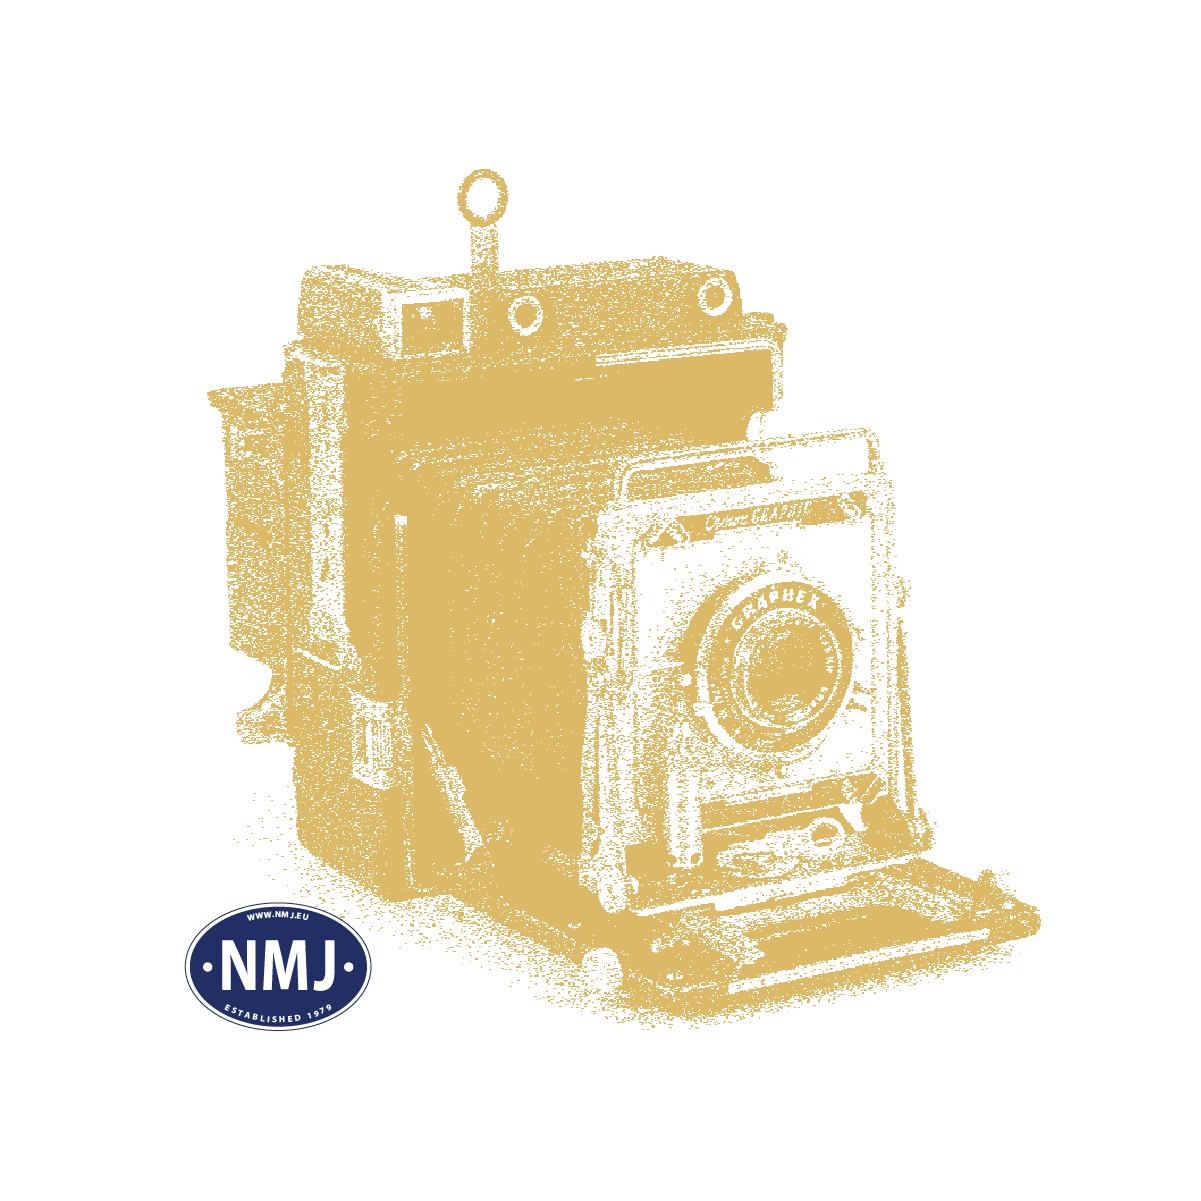 KRF39 - NSB Litra Di4 651-655 1990-2017, DVD